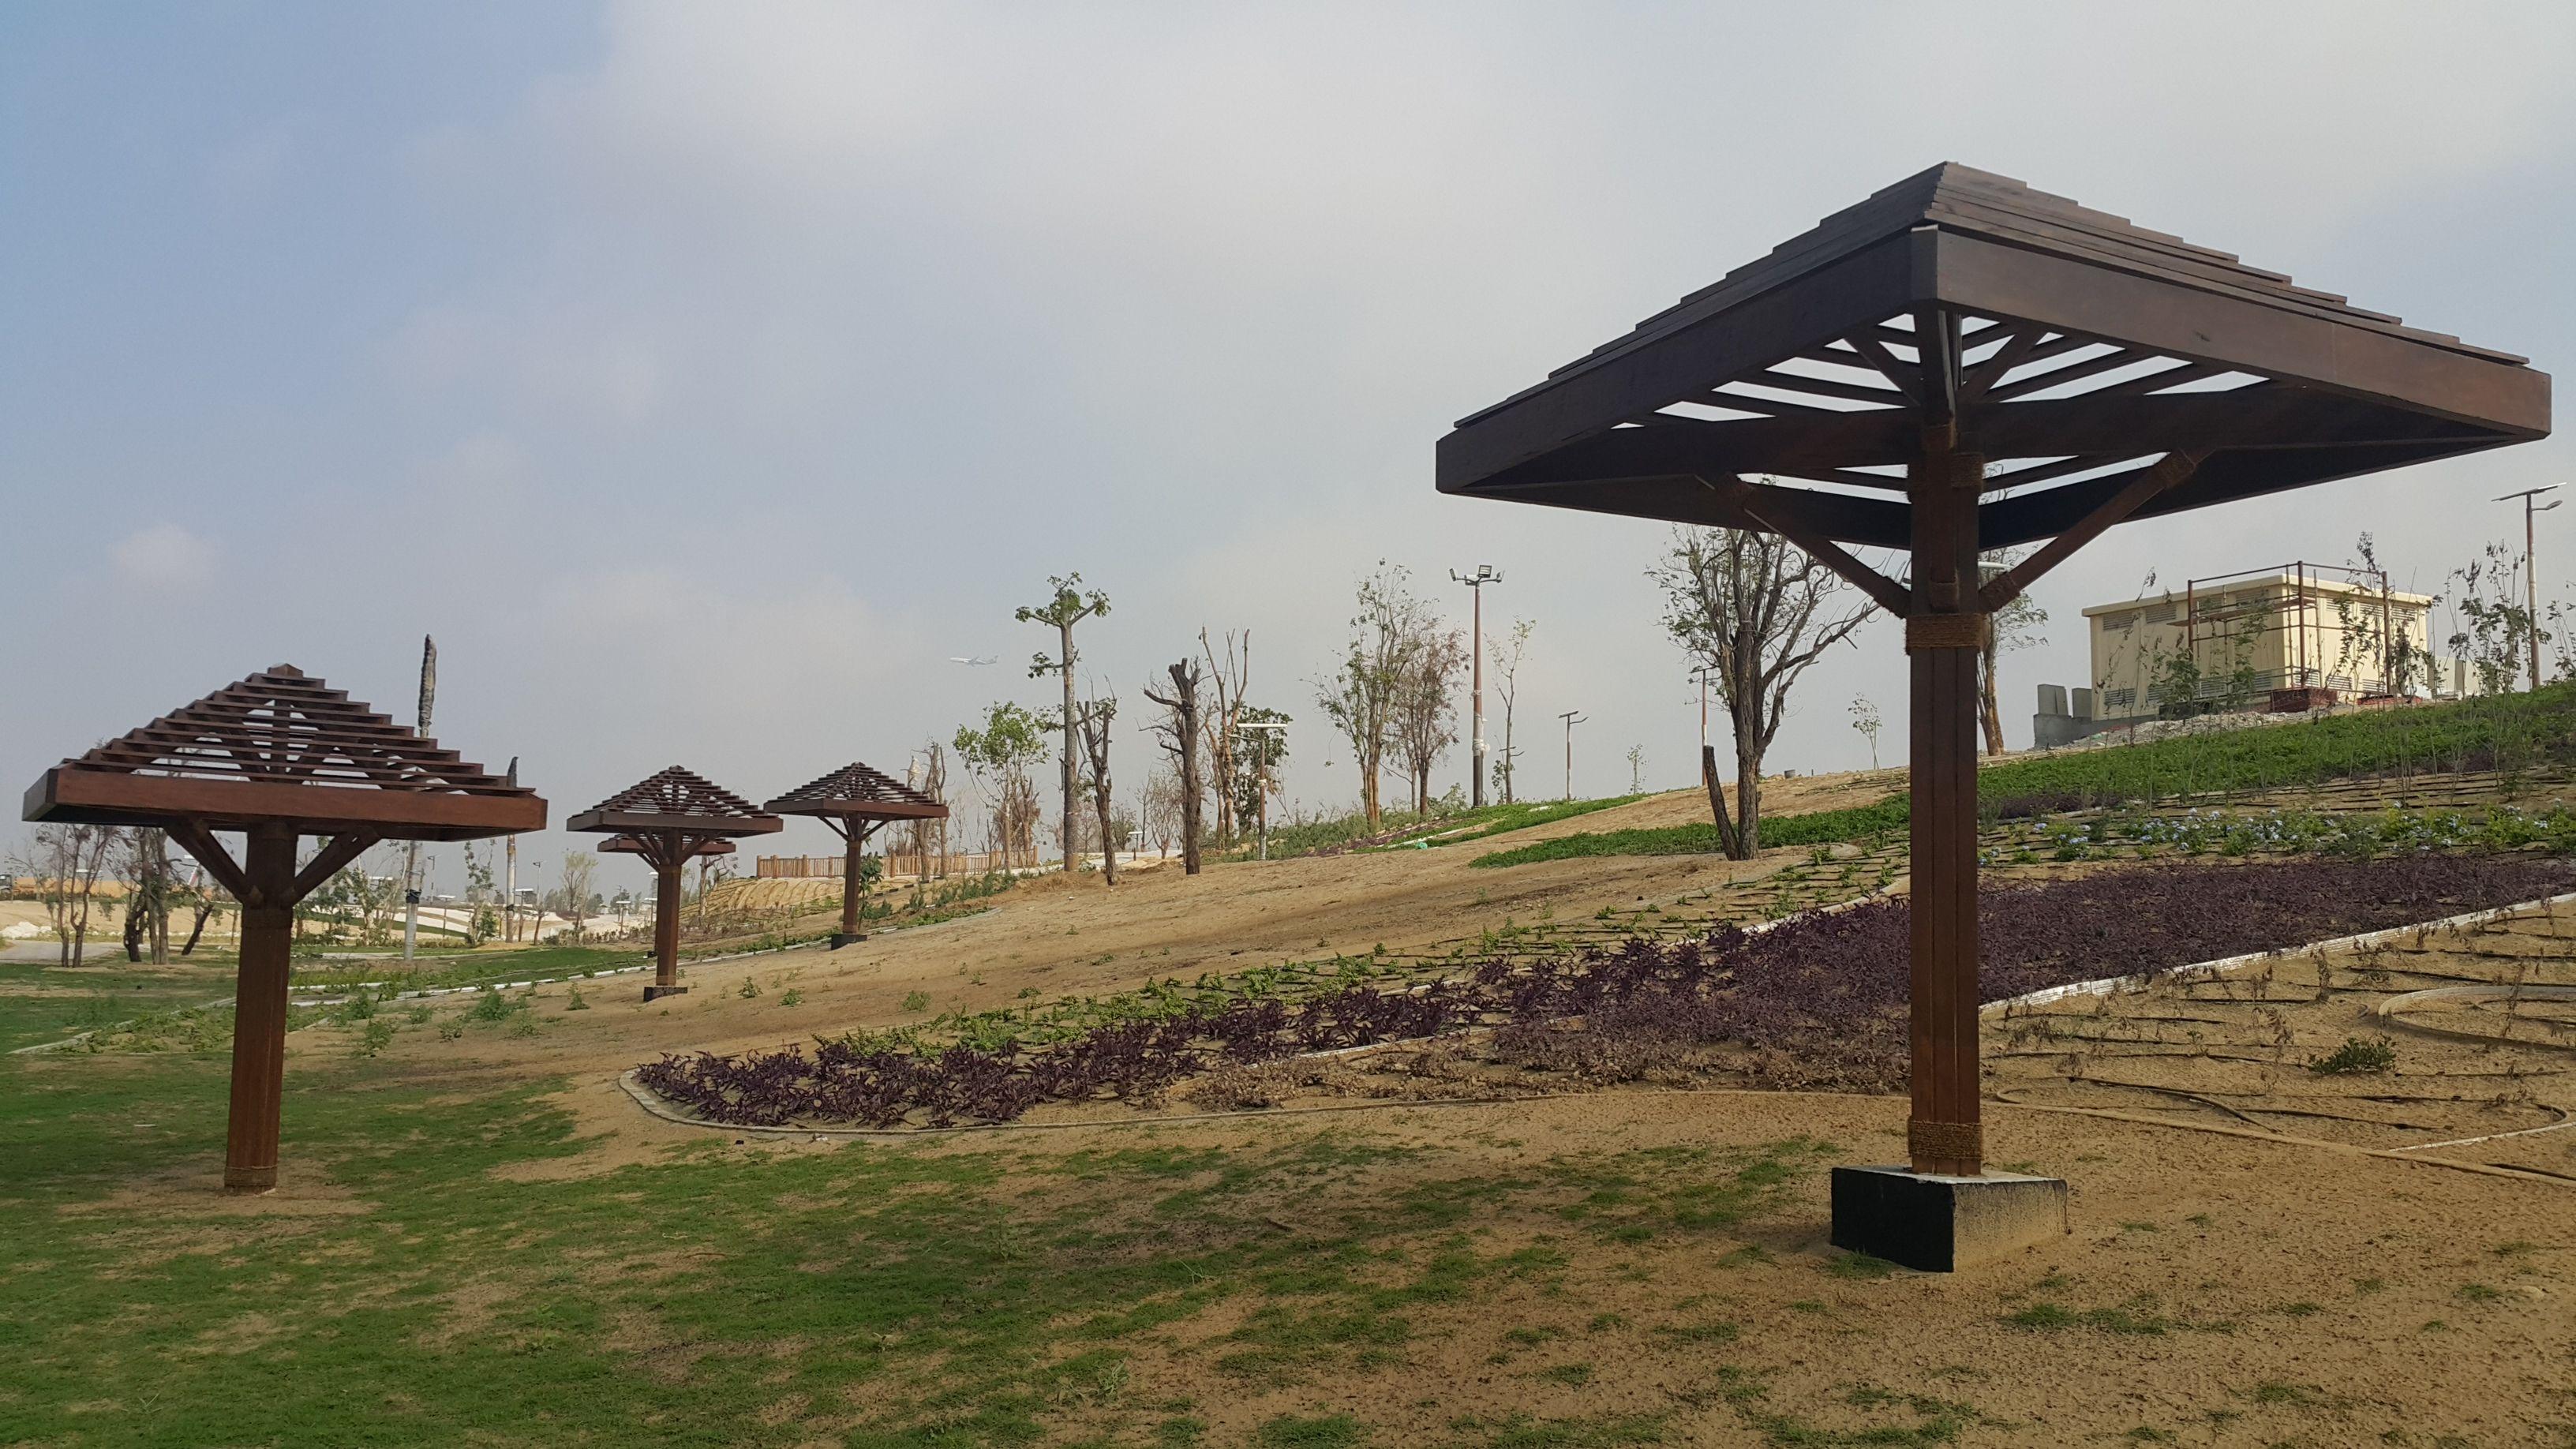 African Style Pergolas. Dubai | Interior design and build ...